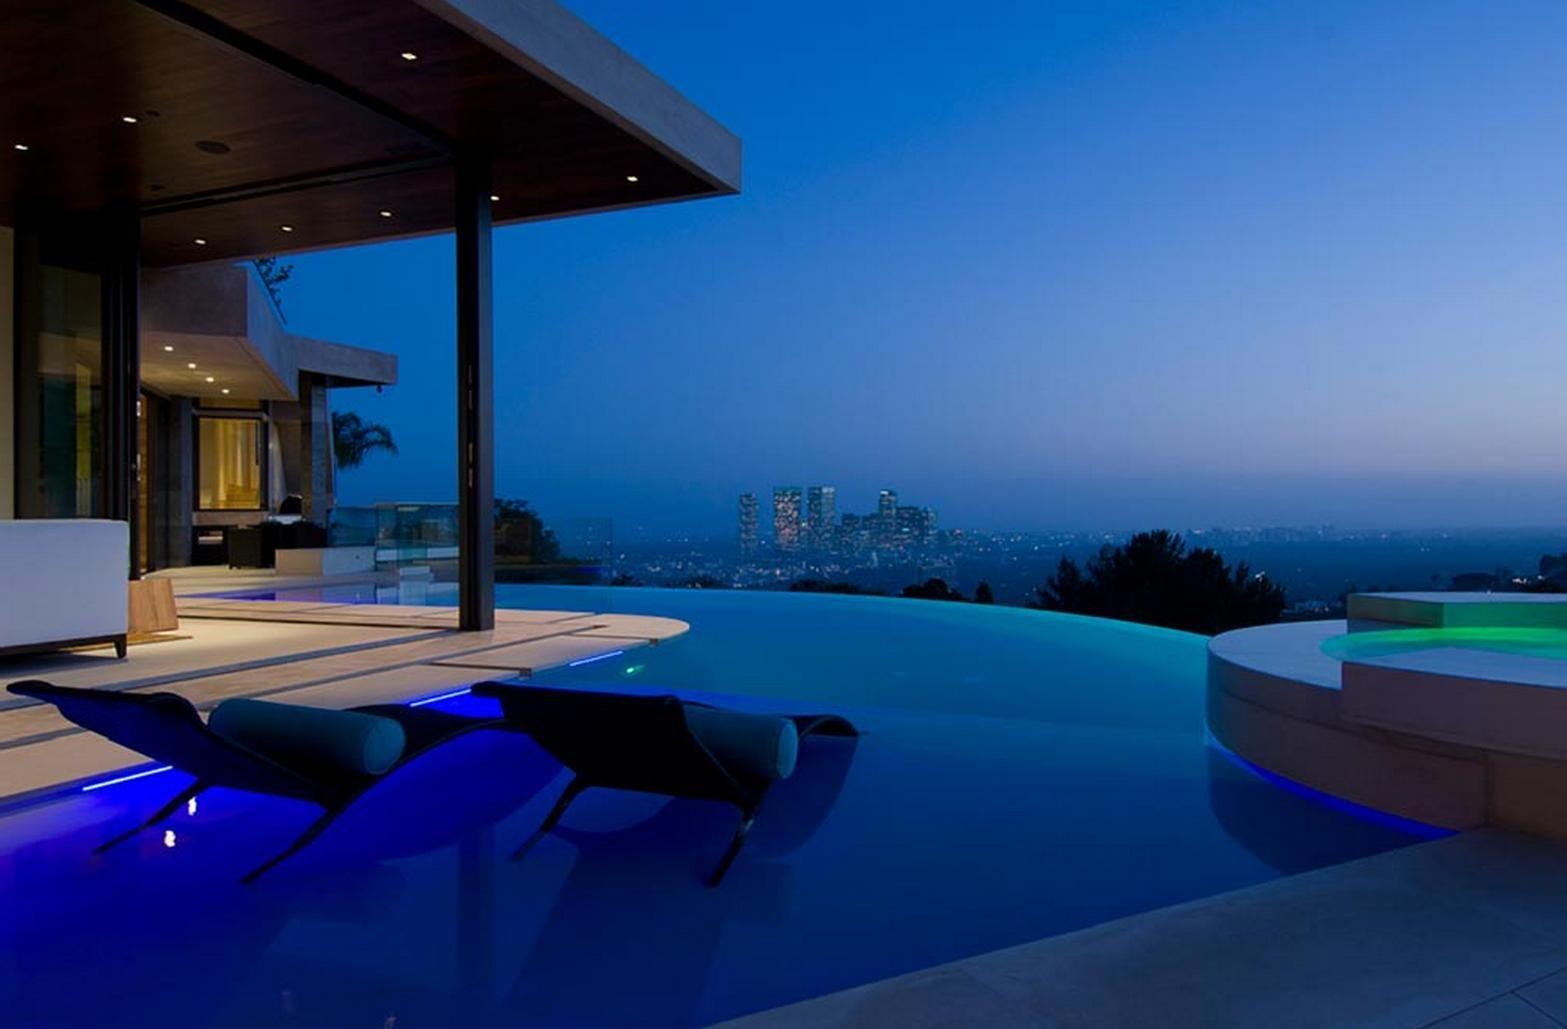 94 Kumpulan Desain Rumah Mewah Ariel Noah Terbaik Masa Kini